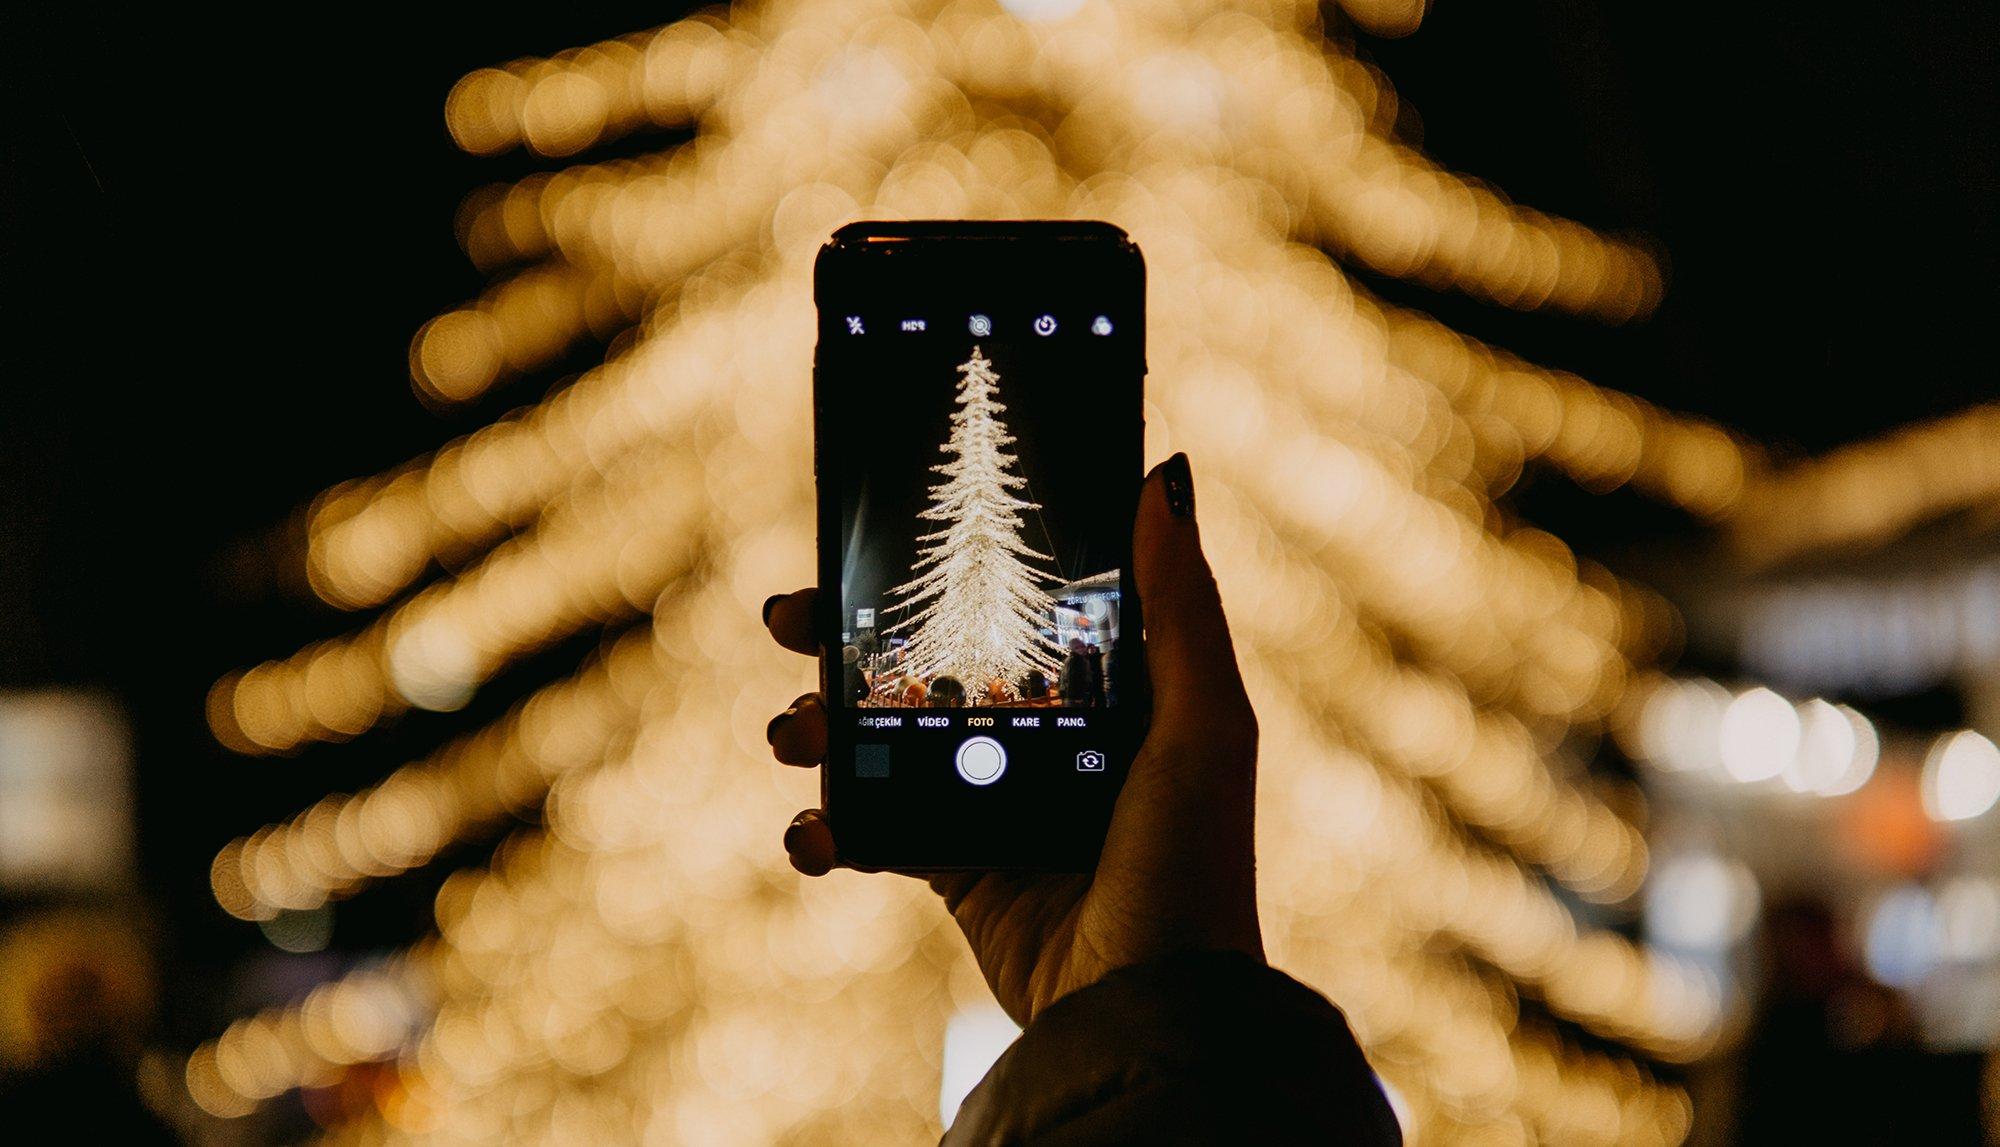 Advents- und Weihnachtsgrüße mit dem Handy.